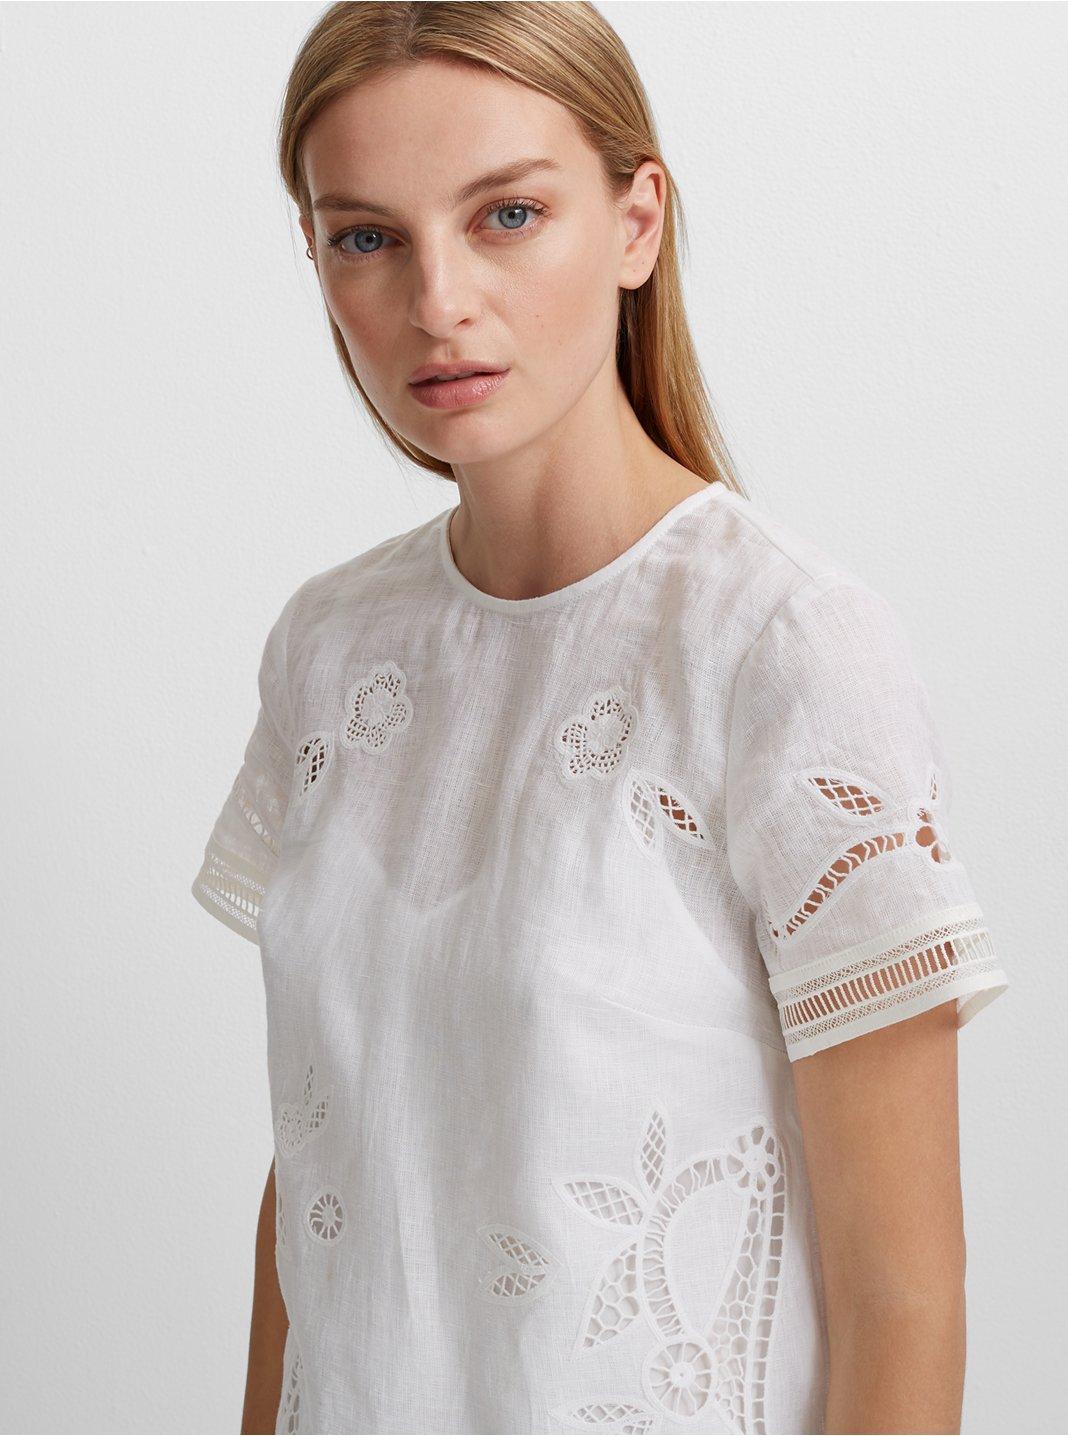 Luceenie Linen Dress